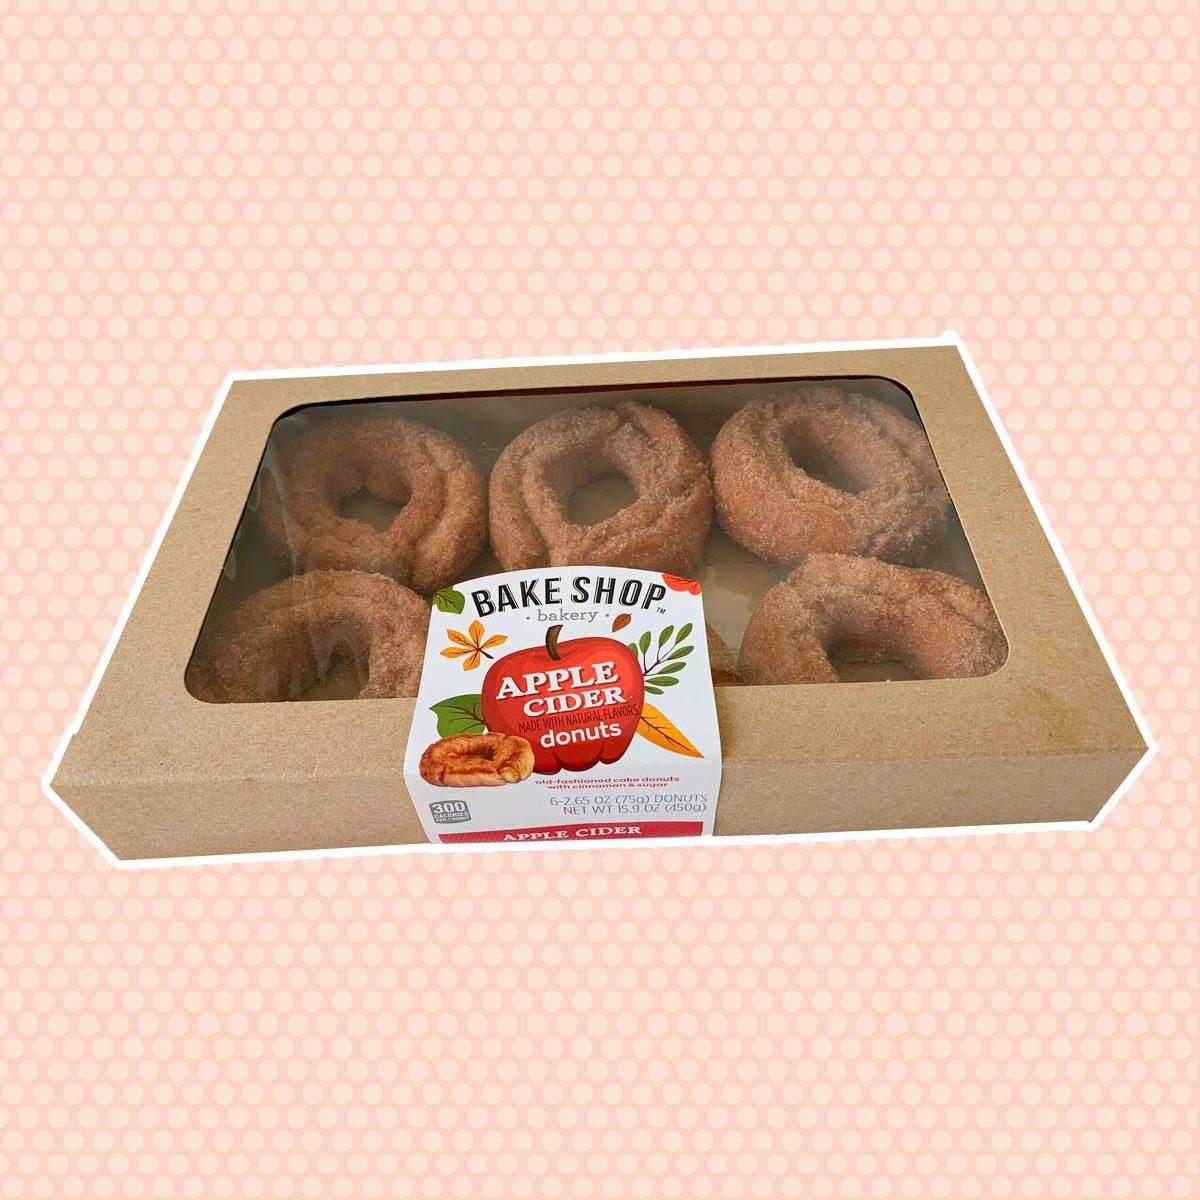 Bake Shop Apple Cider Donuts